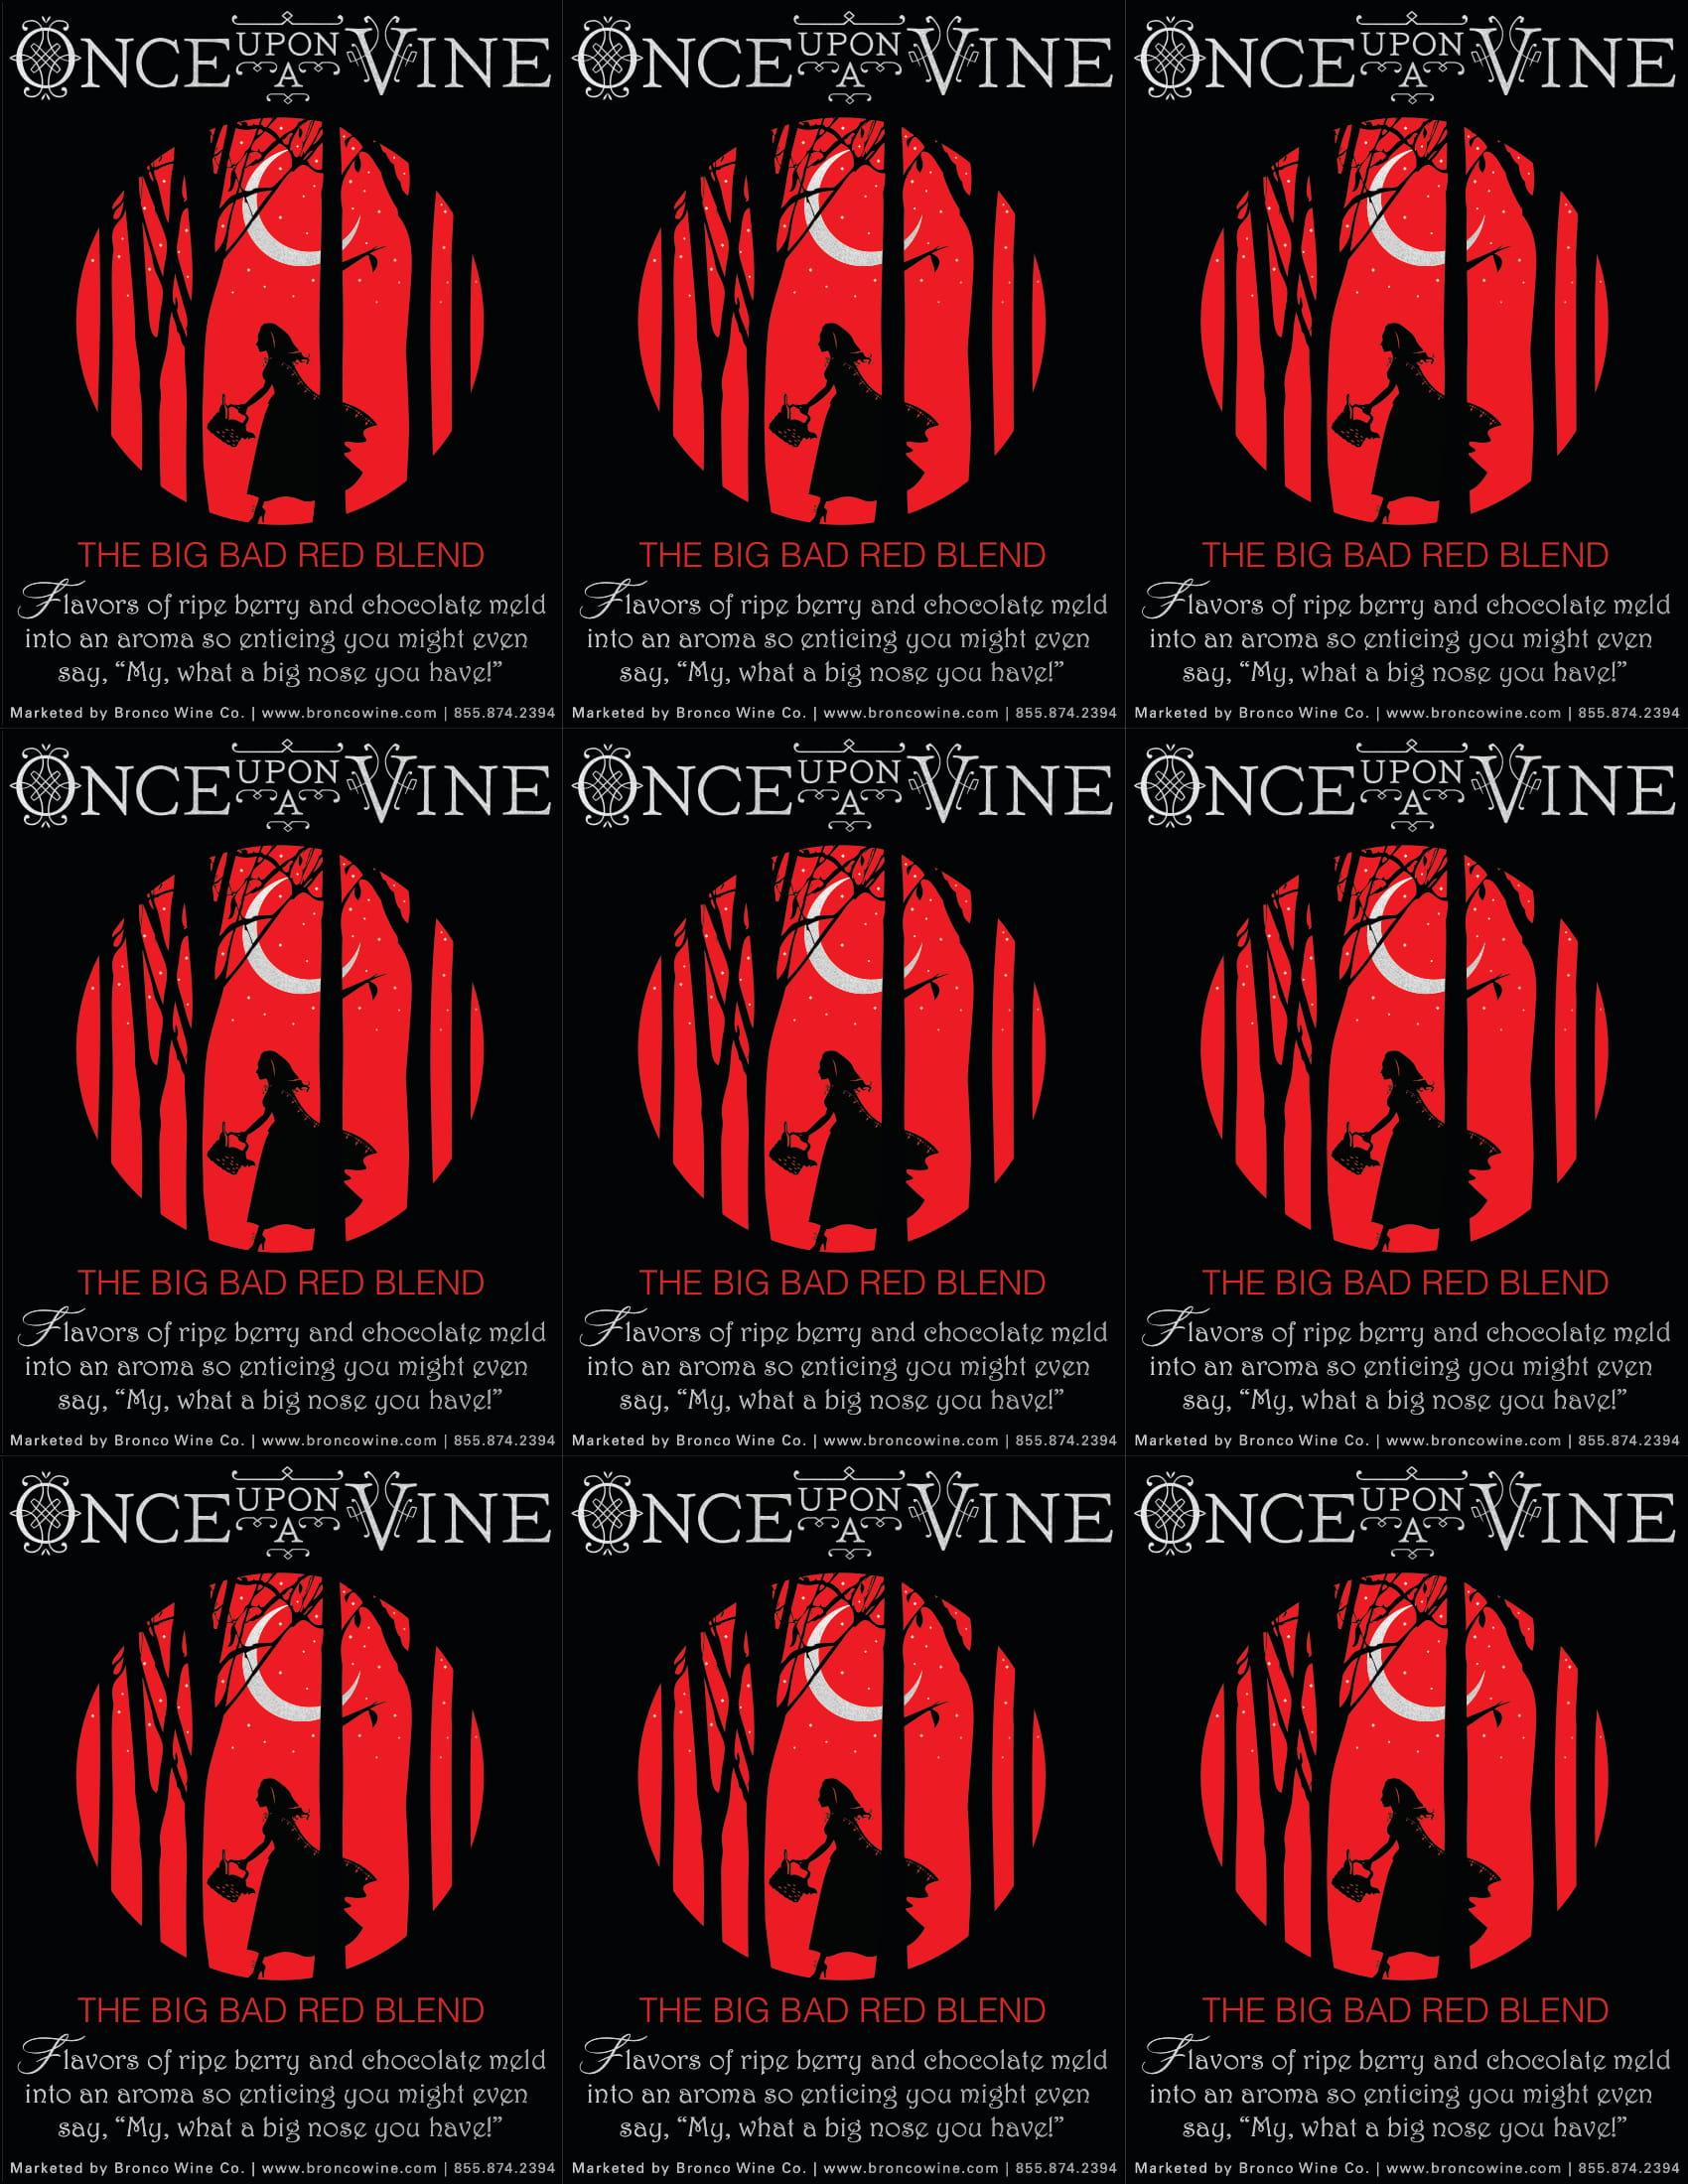 Once Upon A Vine Big Bad Red Blend Shelf Talker